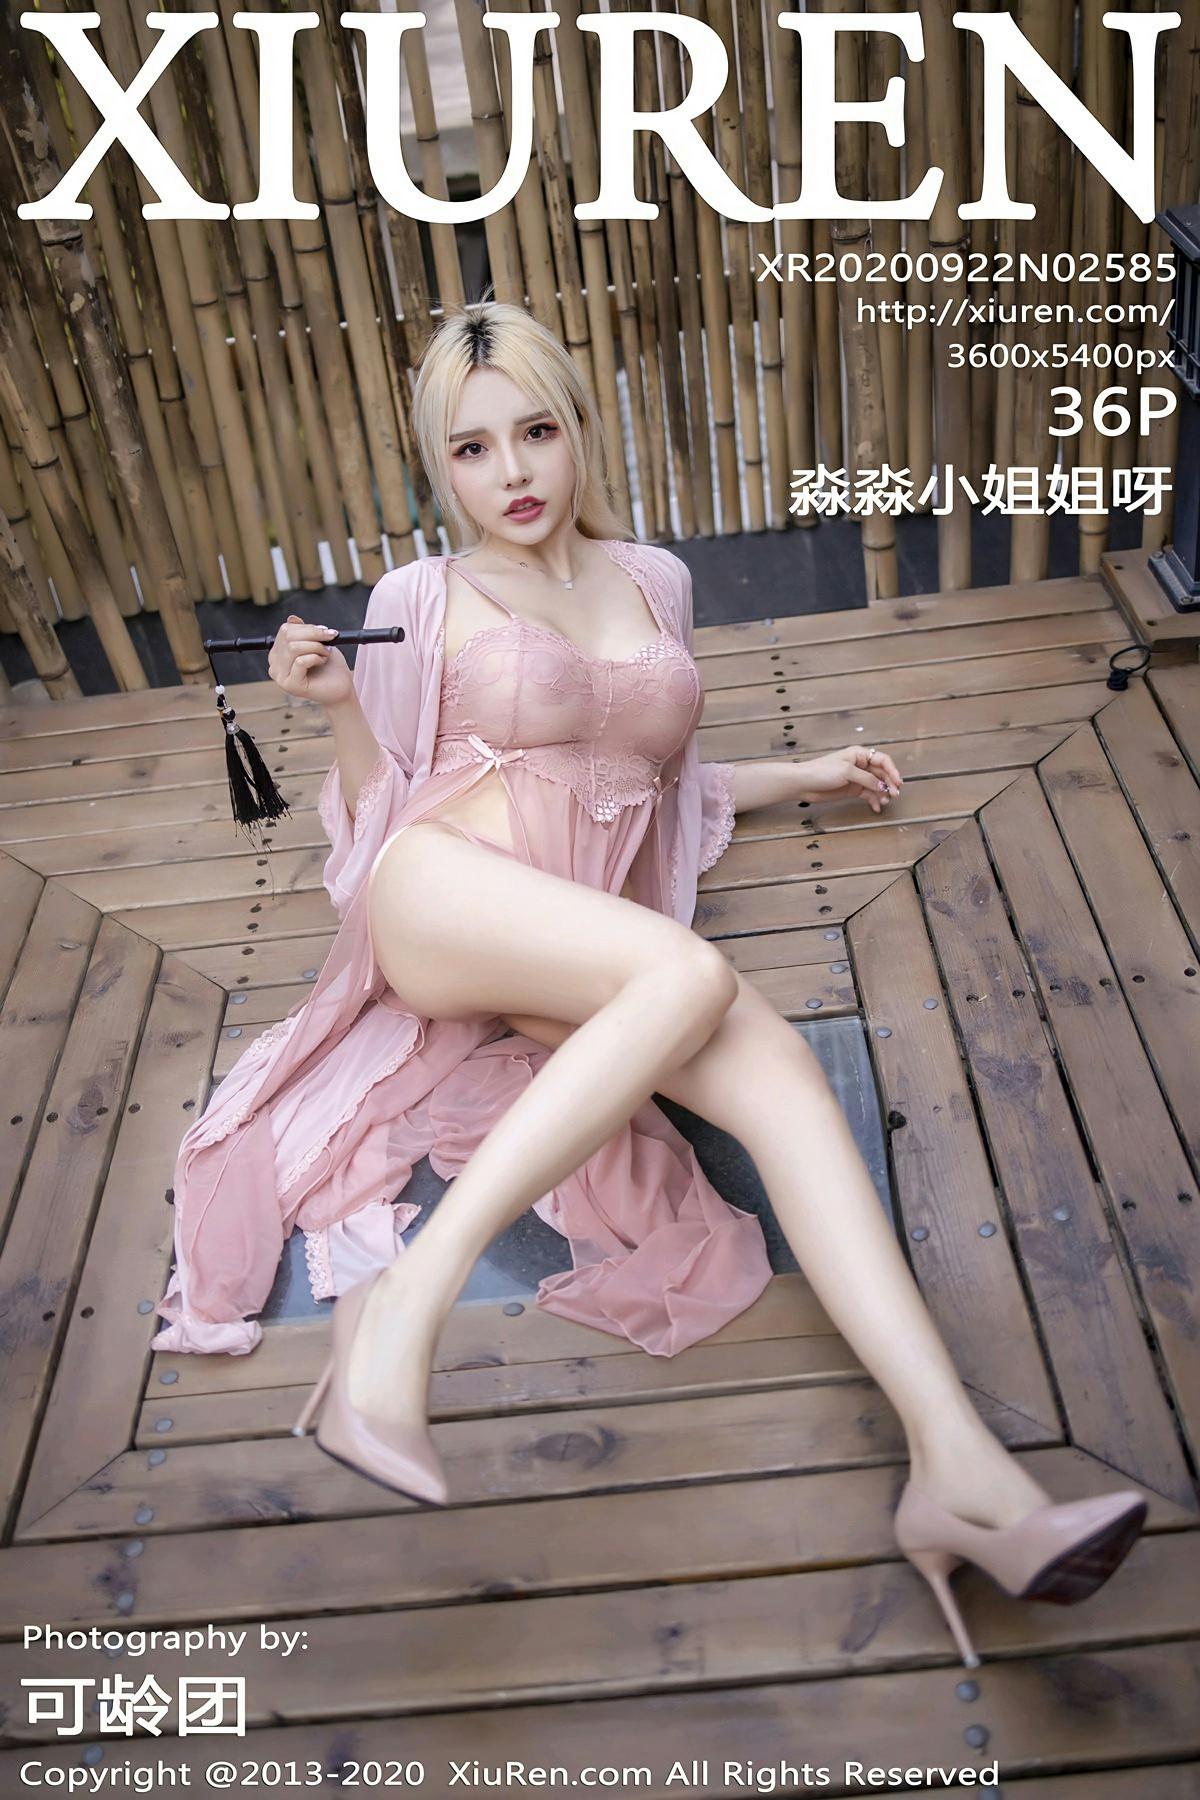 [XiuRen秀人网] 2020.09.22 No.2585 淼淼小姐姐呀 第1张